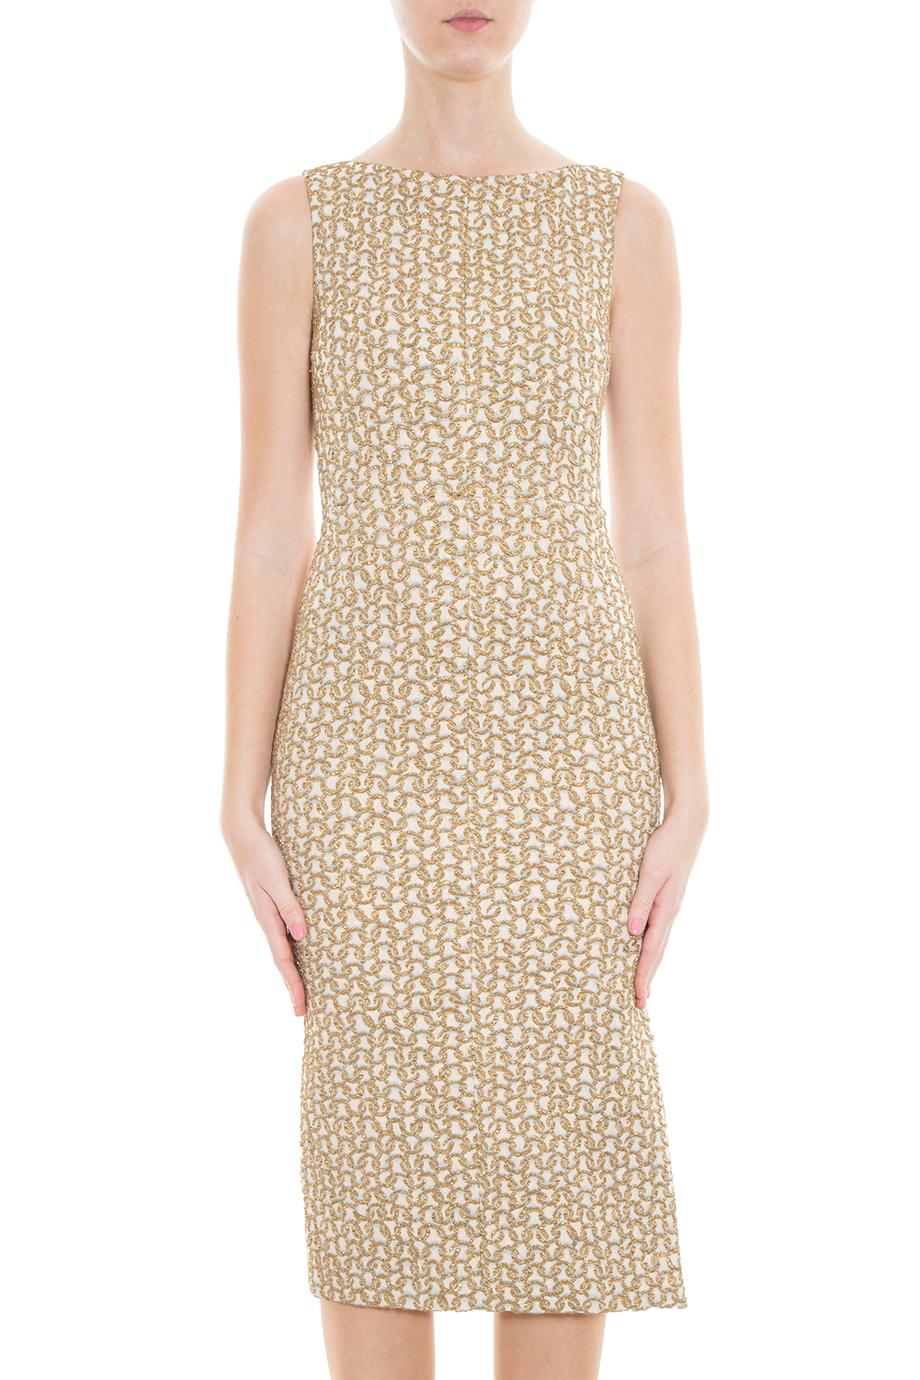 Rochas Gold Sheath Dress in Metallic | Lyst